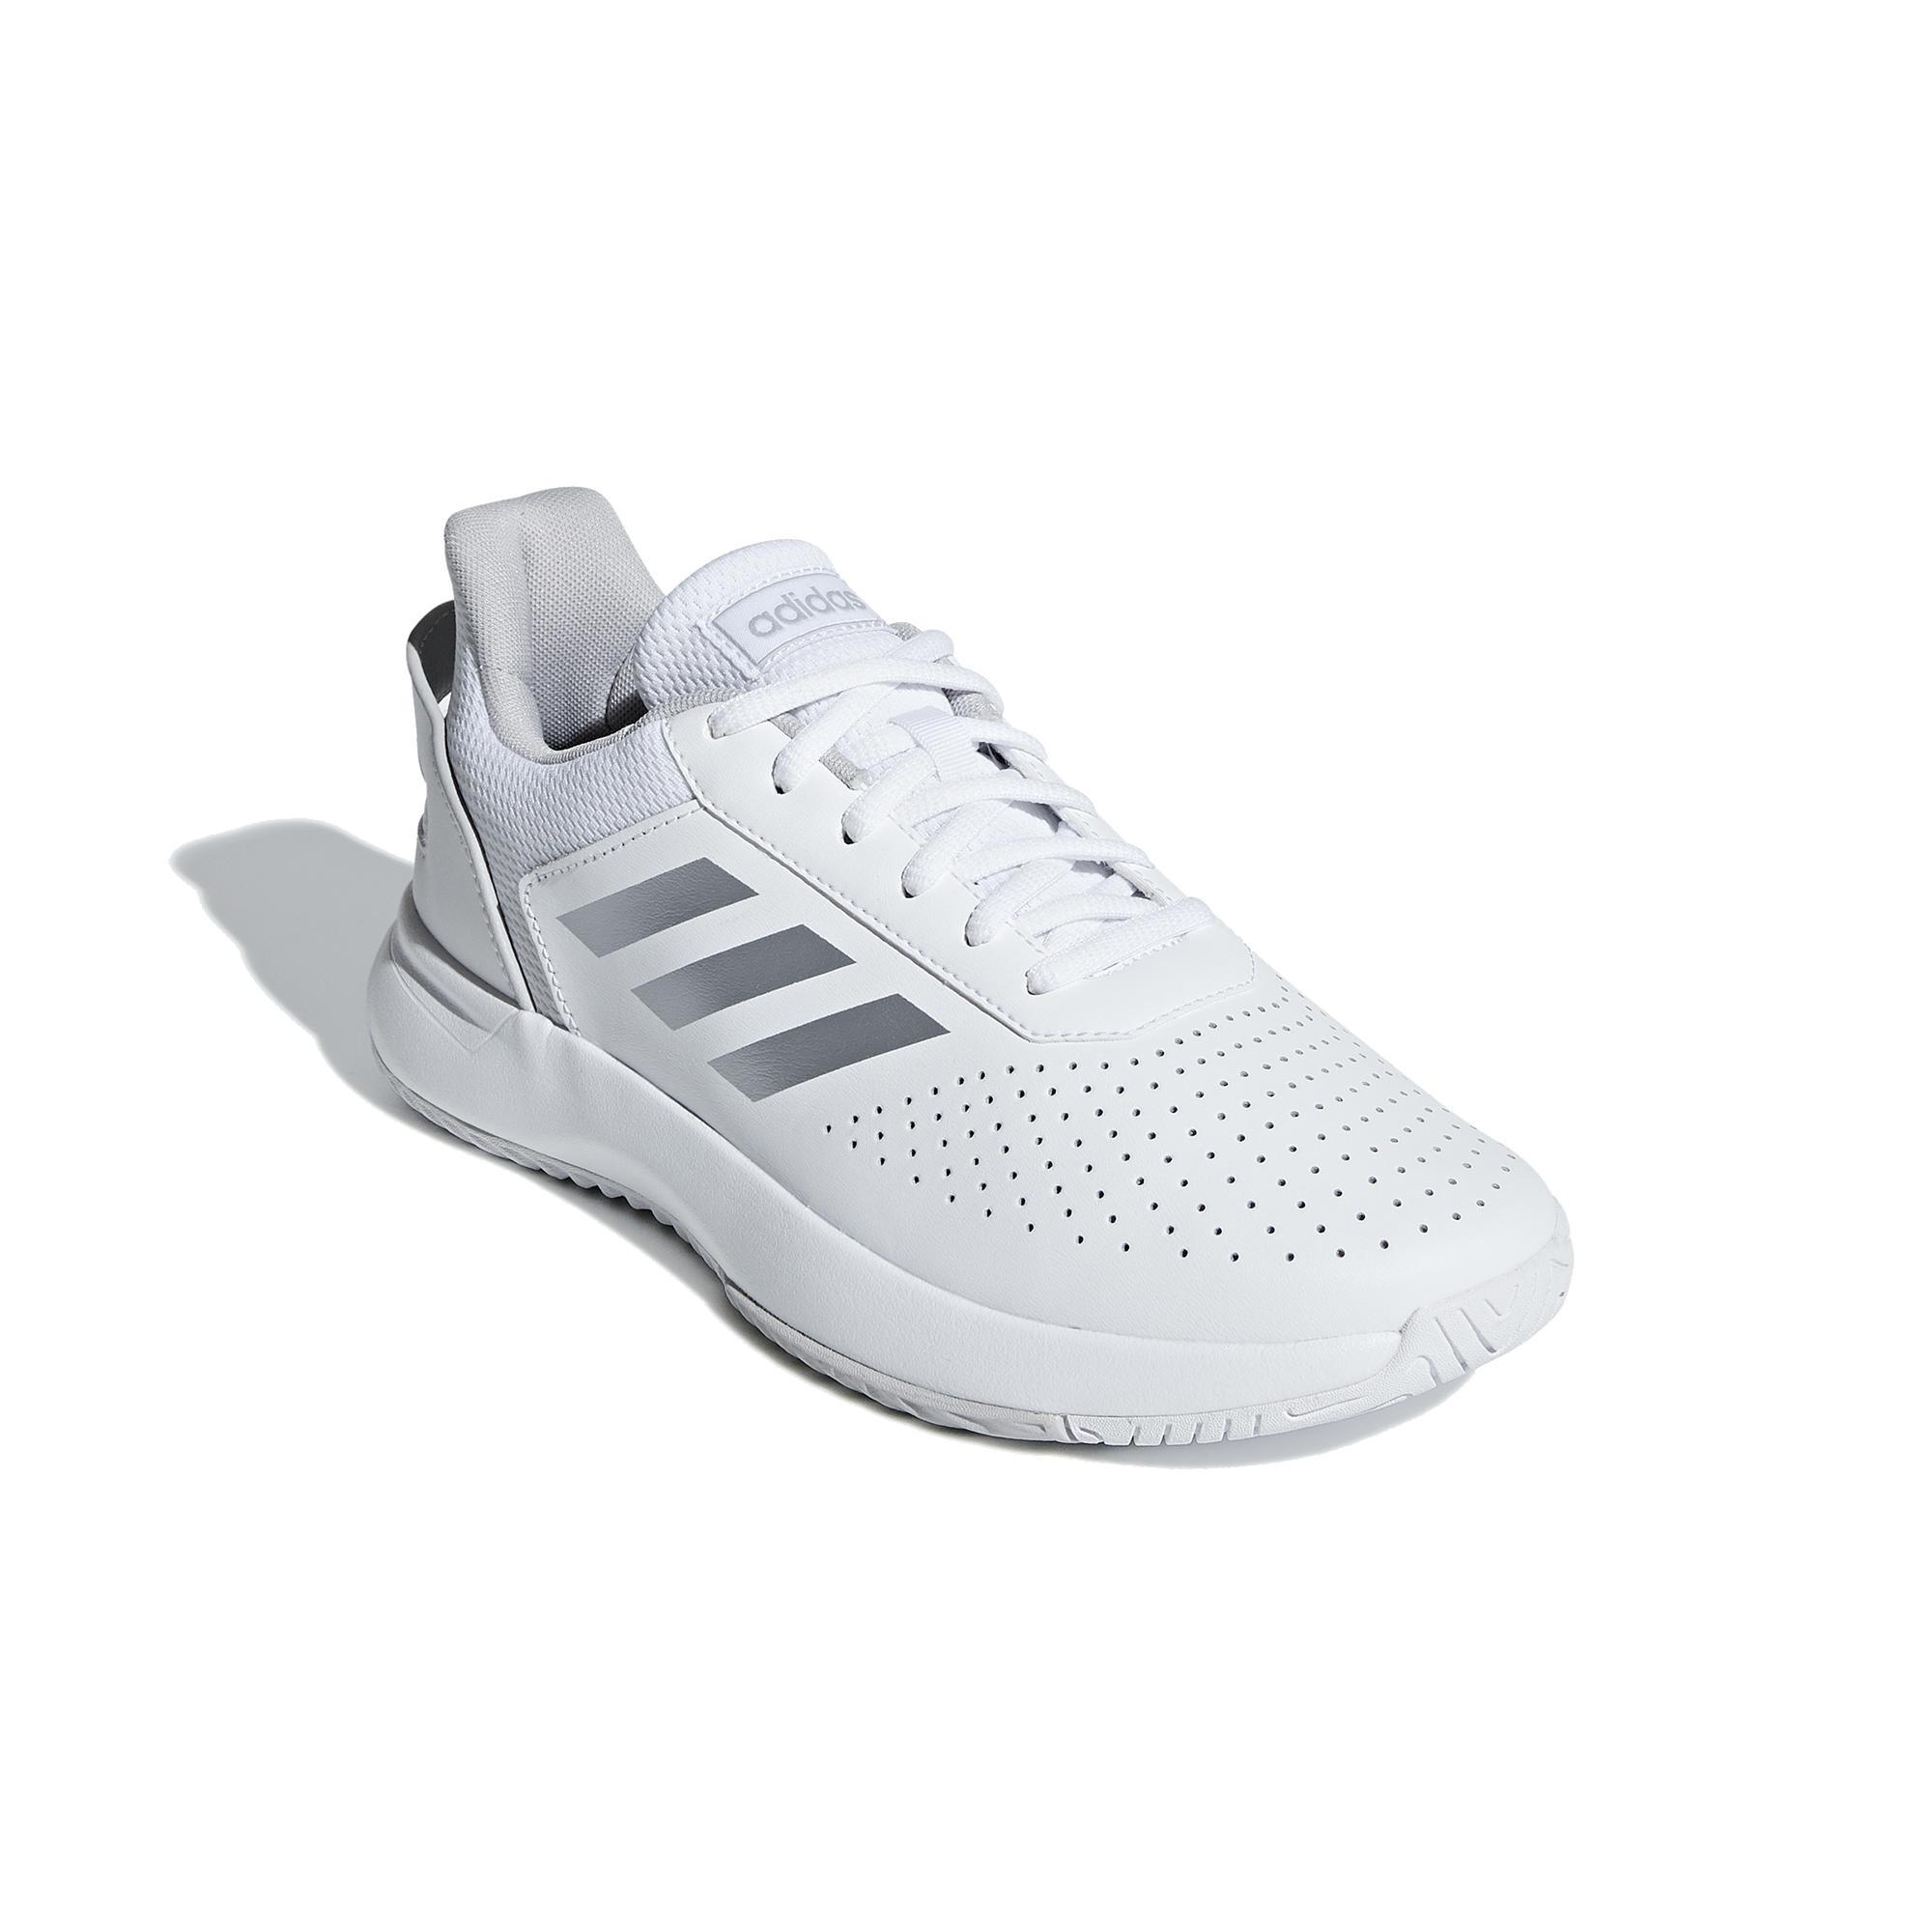 Tennisschuhe Courtsmash Damen weiss | Schuhe > Sportschuhe > Tennisschuhe | Adidas